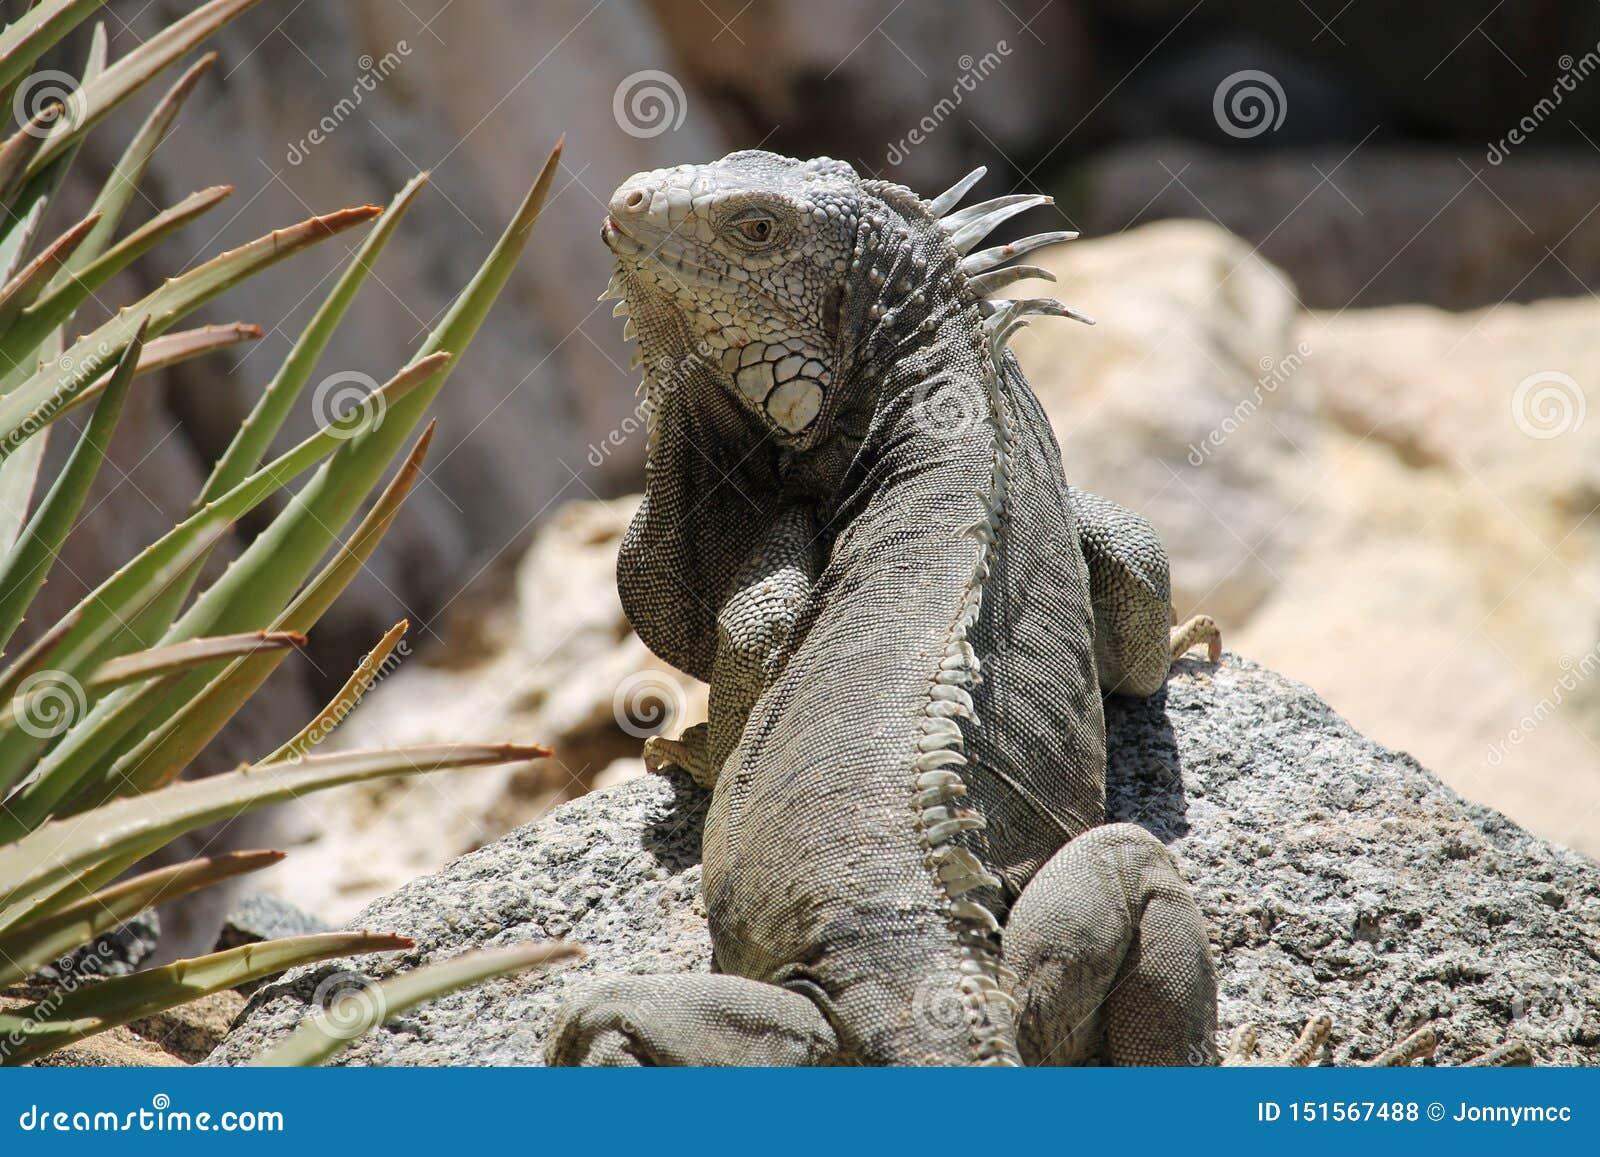 Iguane regardant en arrière tout en lounging sur une roche